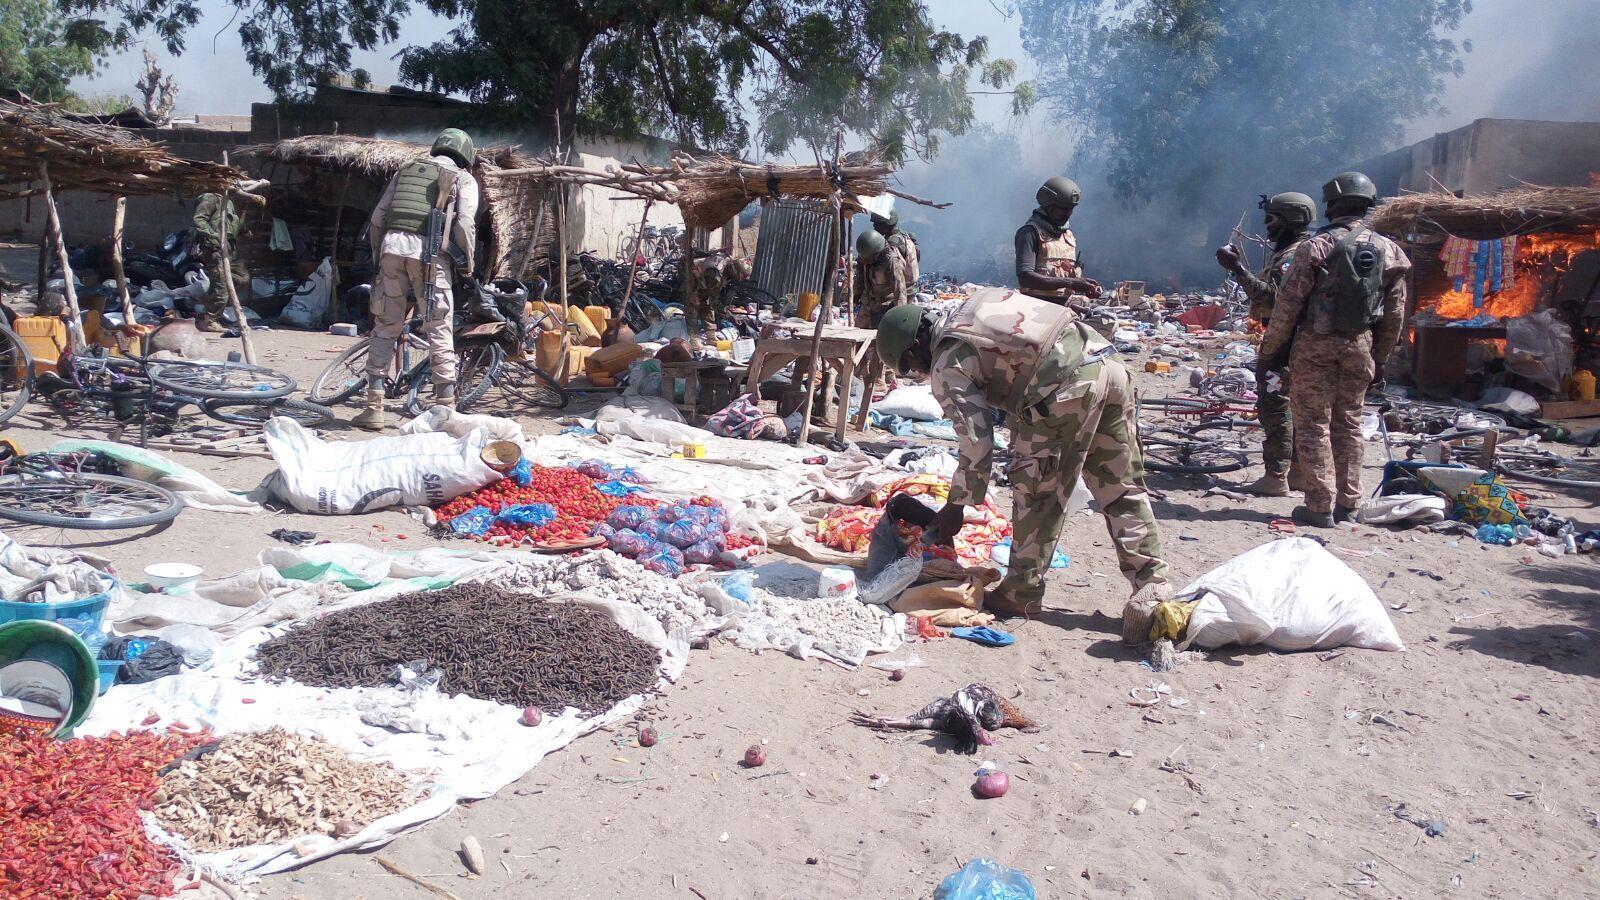 هجوم لبوكو حرام على قرية في إفريقيا (أرشيف)